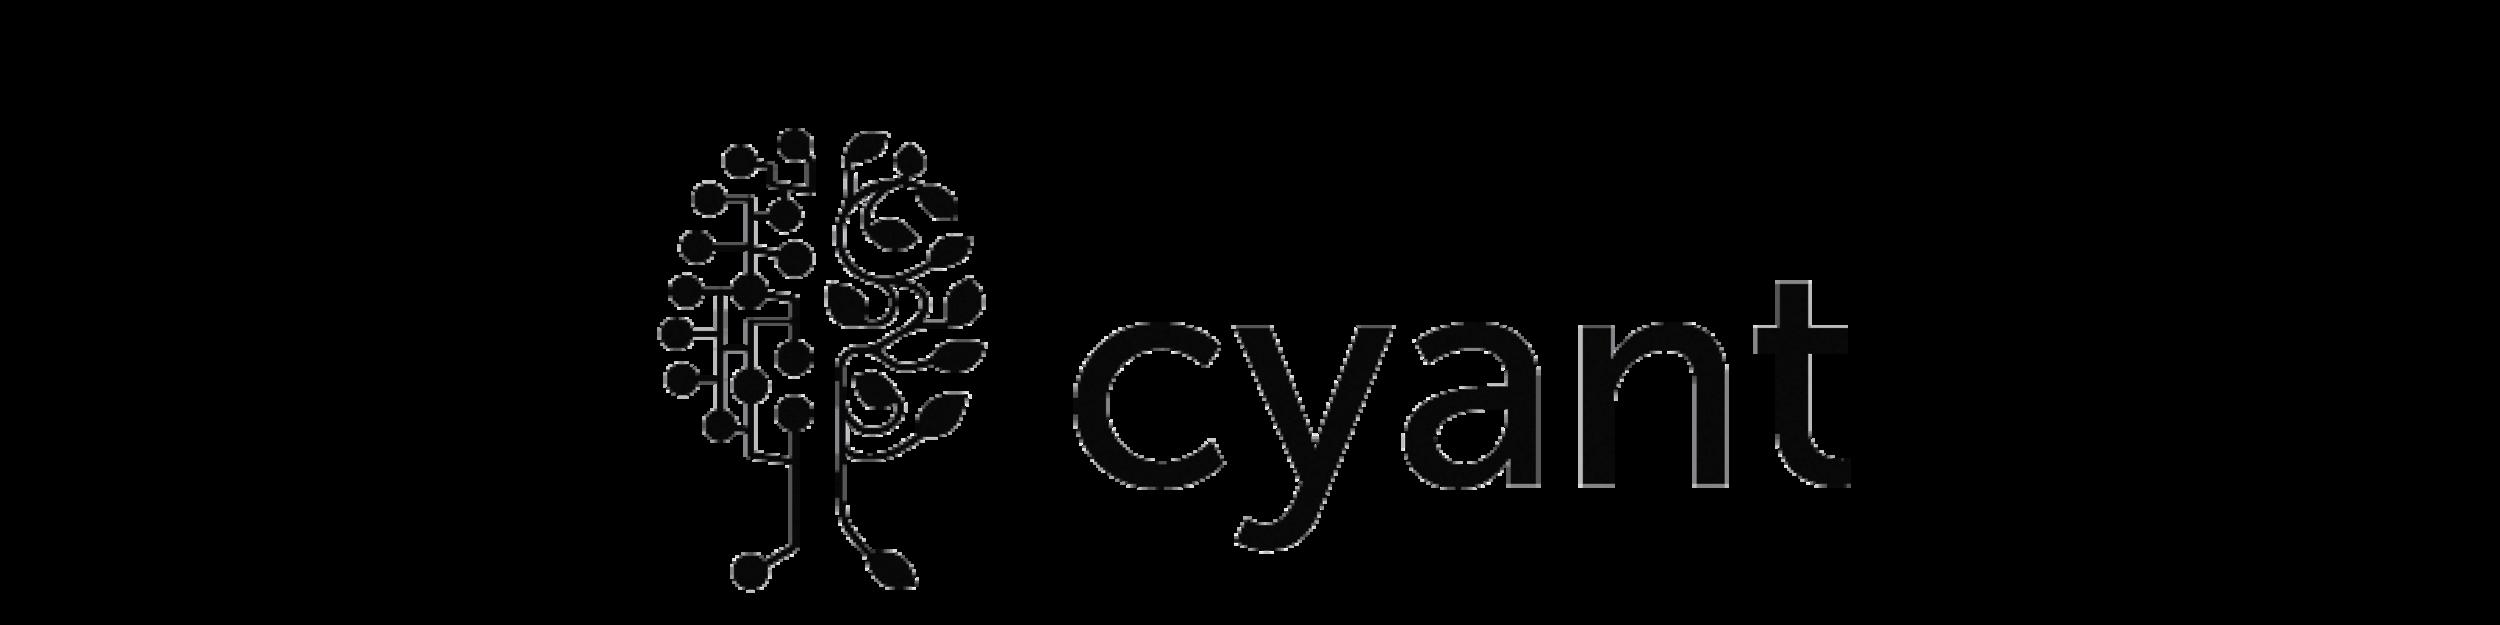 201711 logo-cyant.png